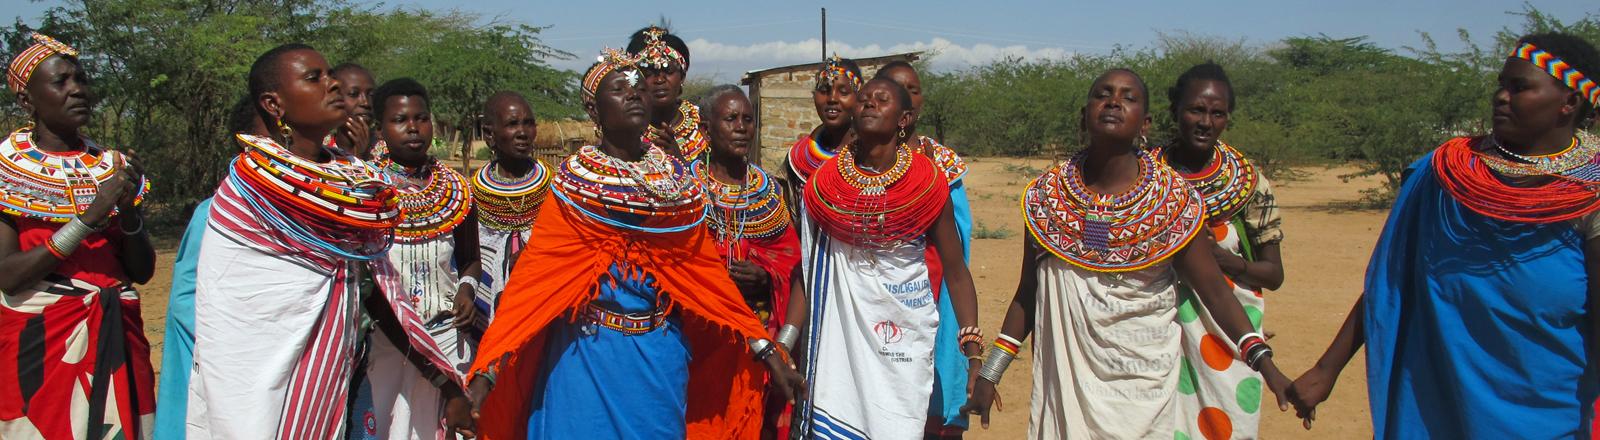 Die Frauen von Umoja.